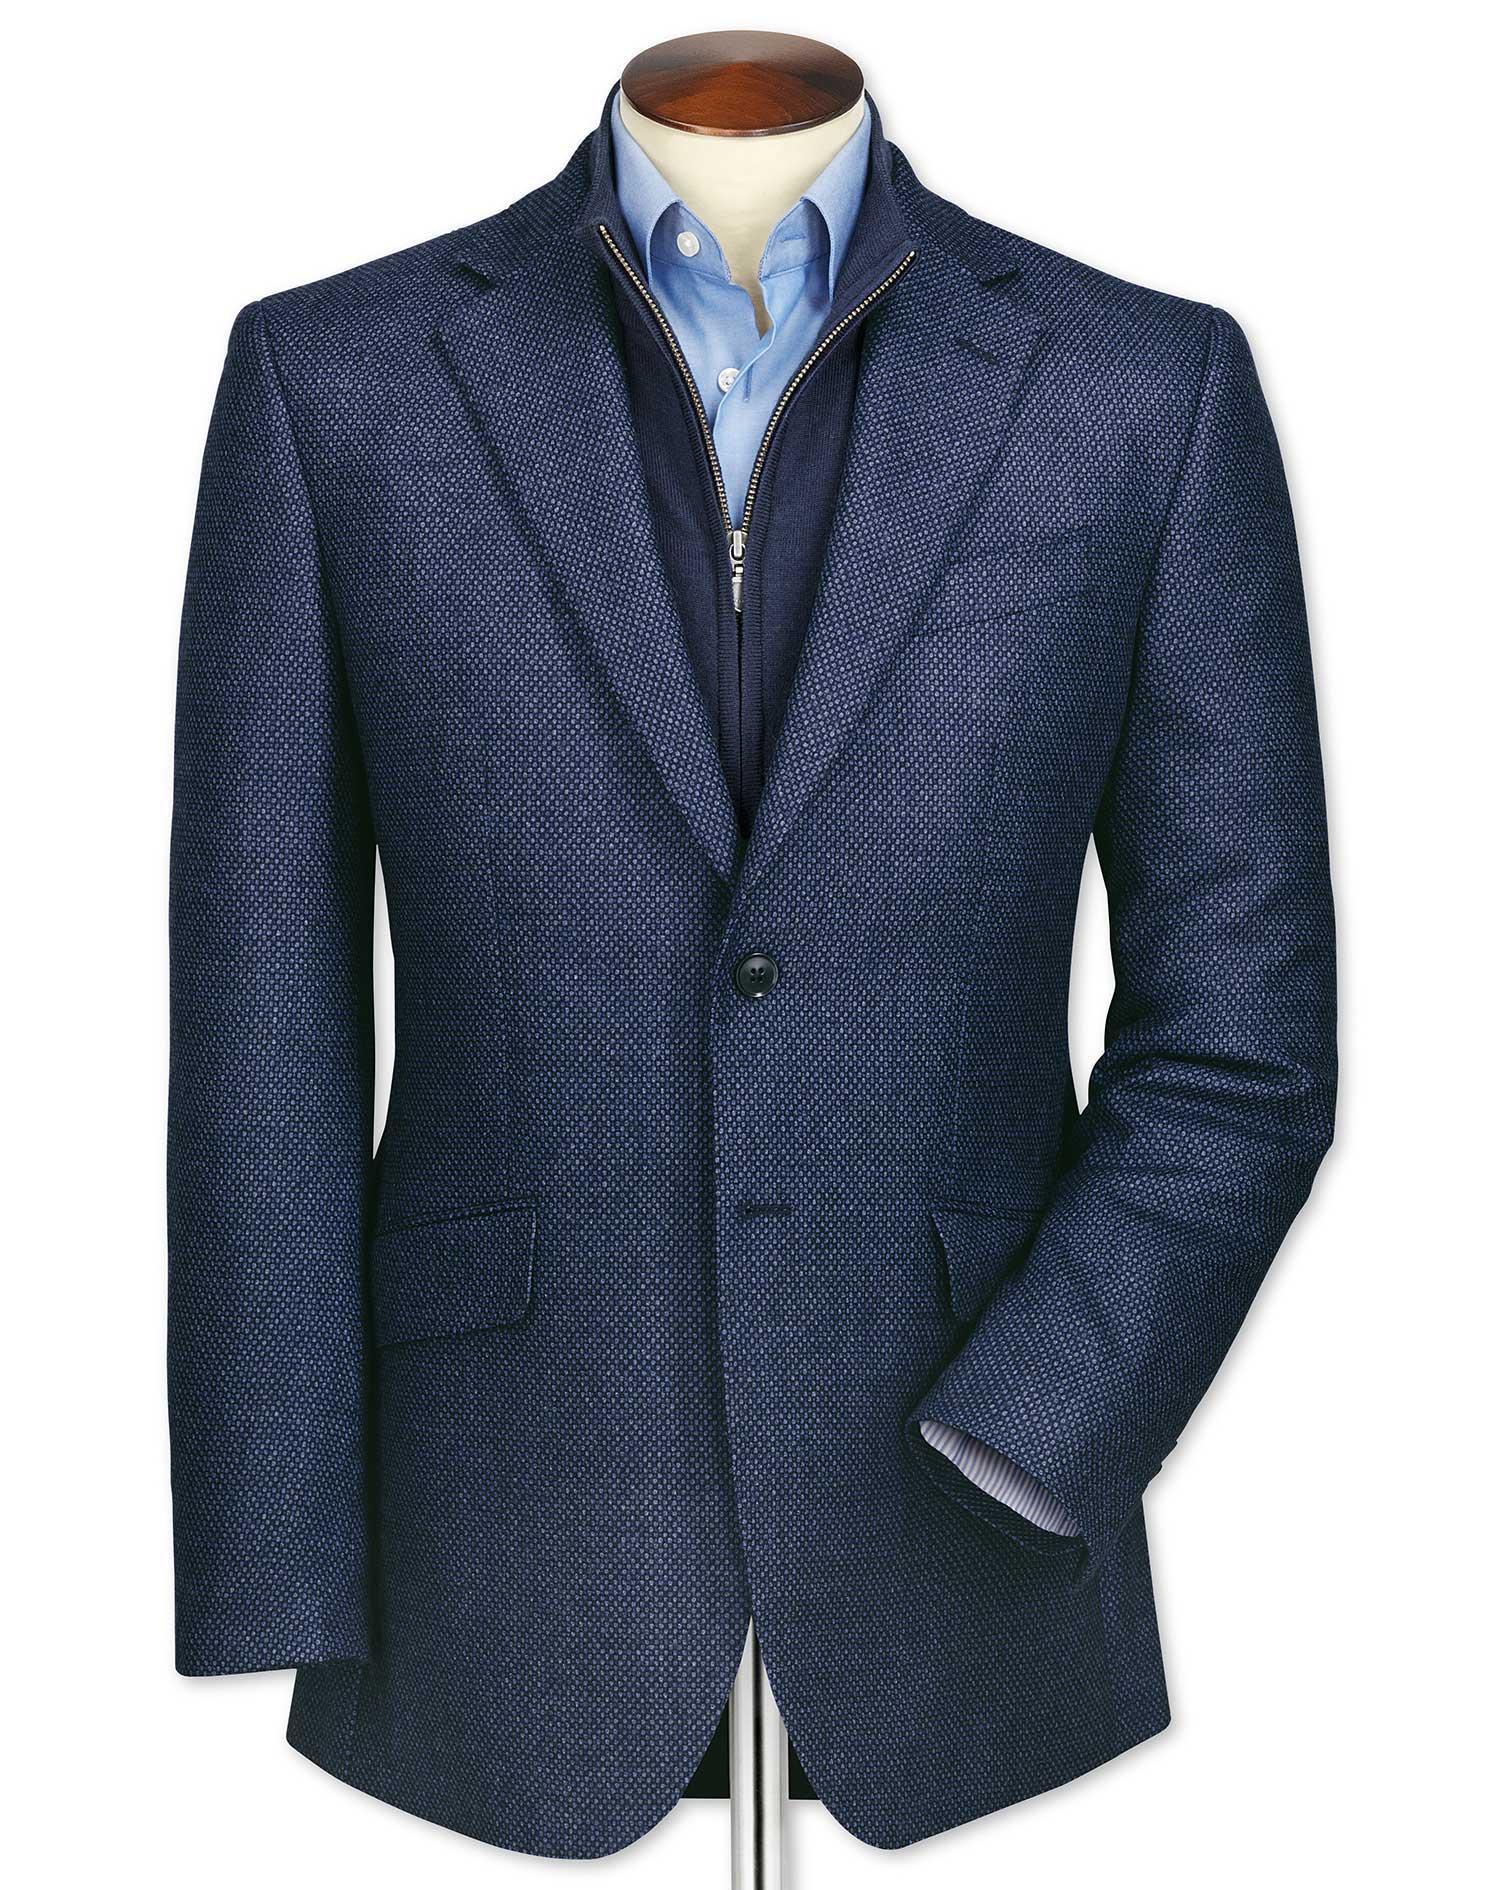 Slim Fit Blue Birdseye Lambswool Wool Jacket Size 42 Long by Charles Tyrwhitt